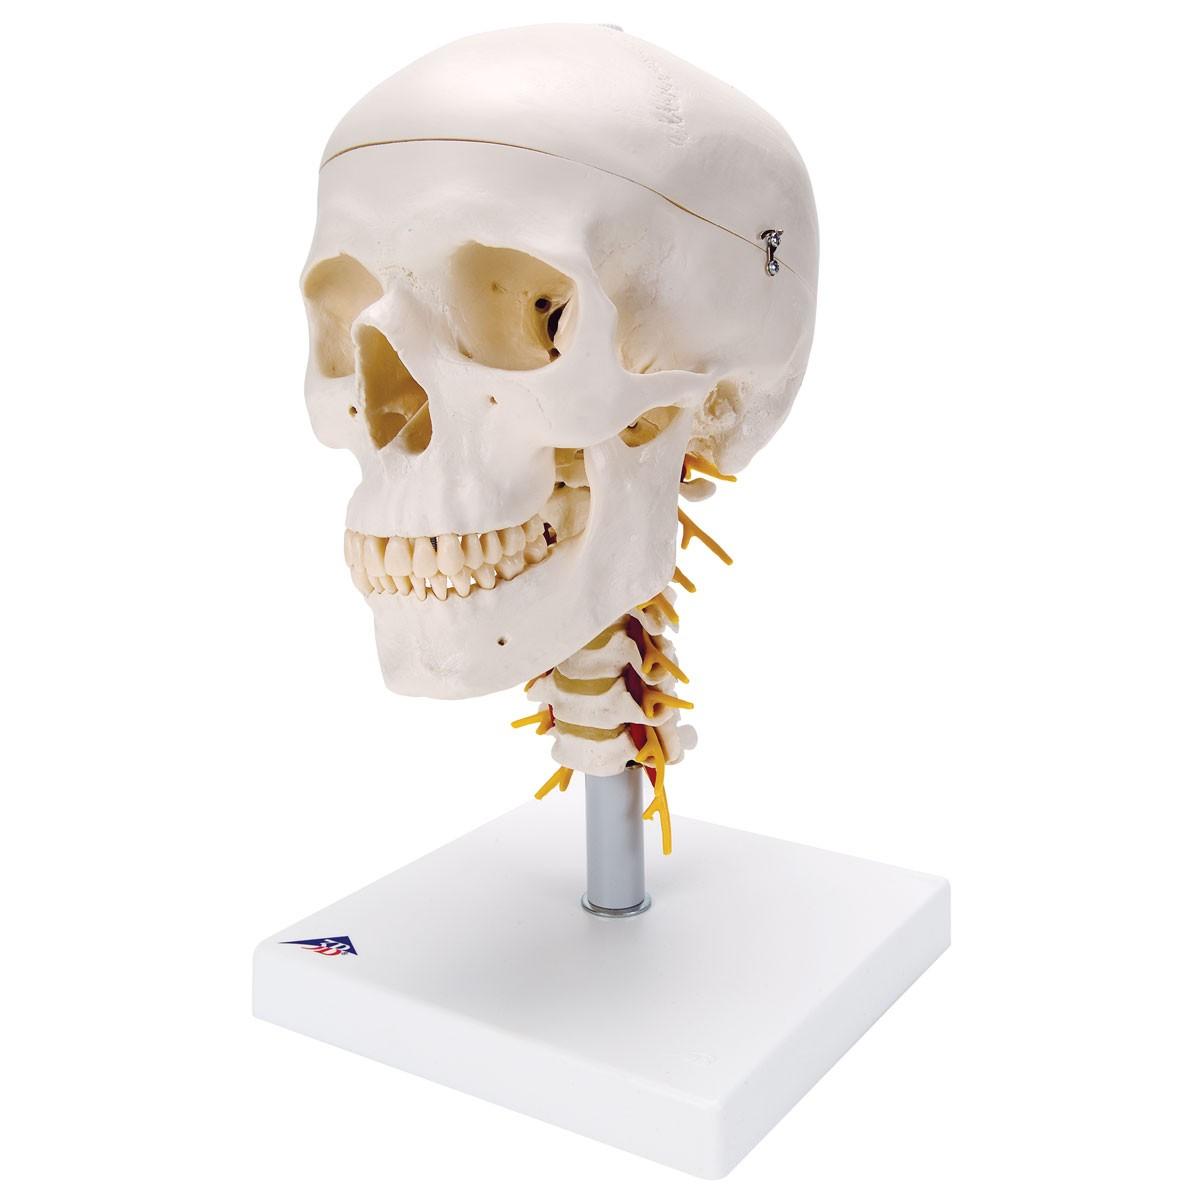 3b Classic Skull On Cervical Spine Skulls Skeletal System